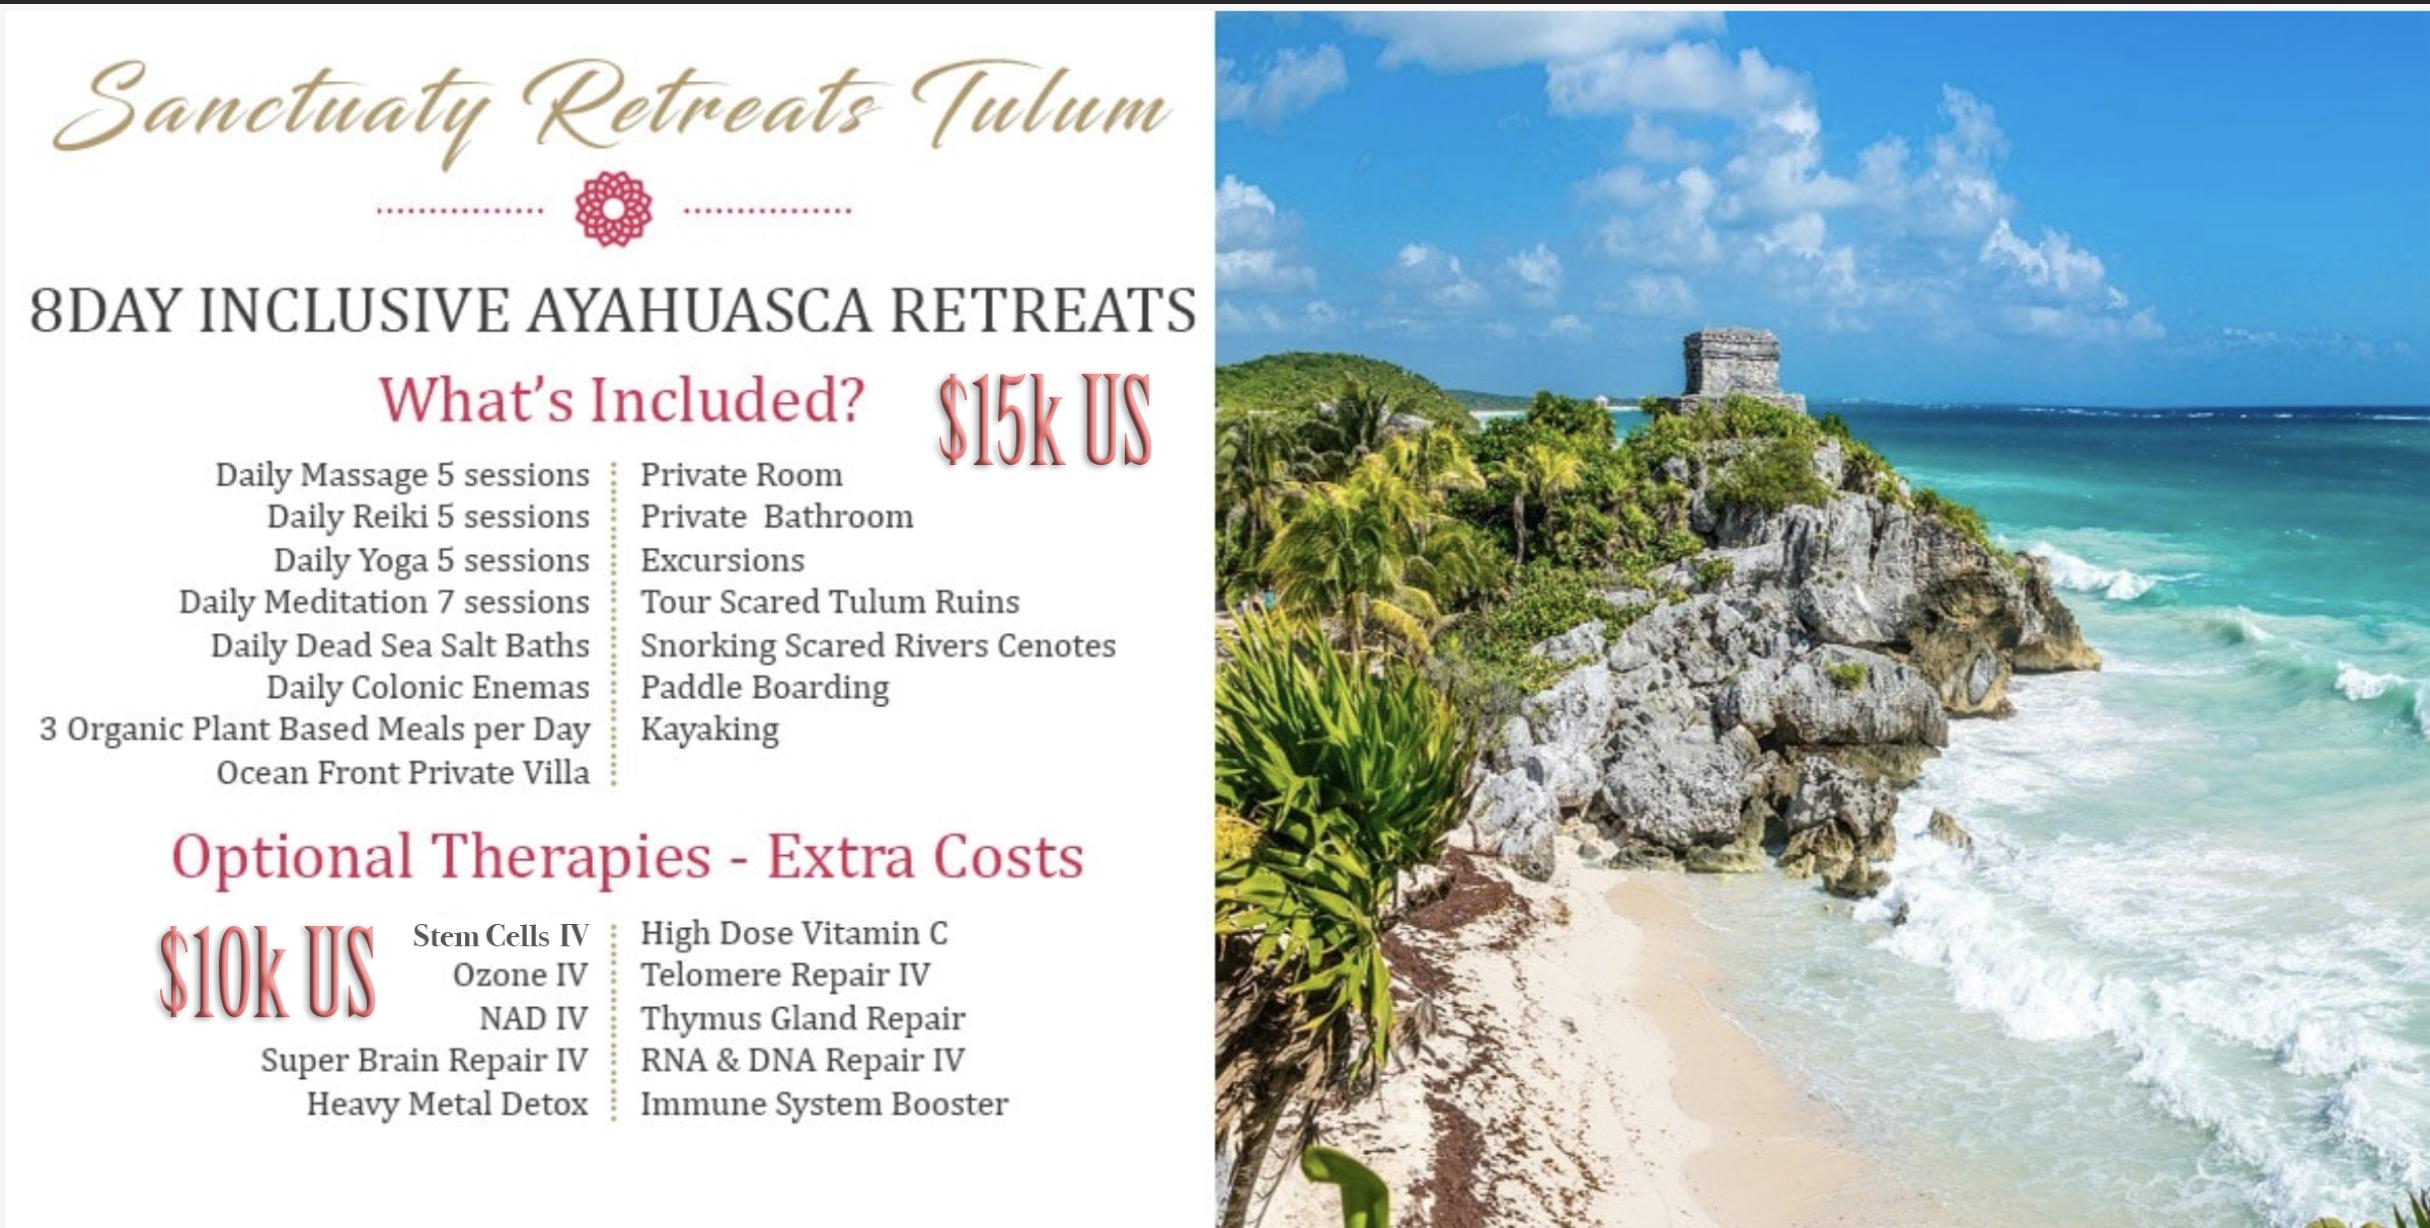 Luxury Ayahuasca Retreats